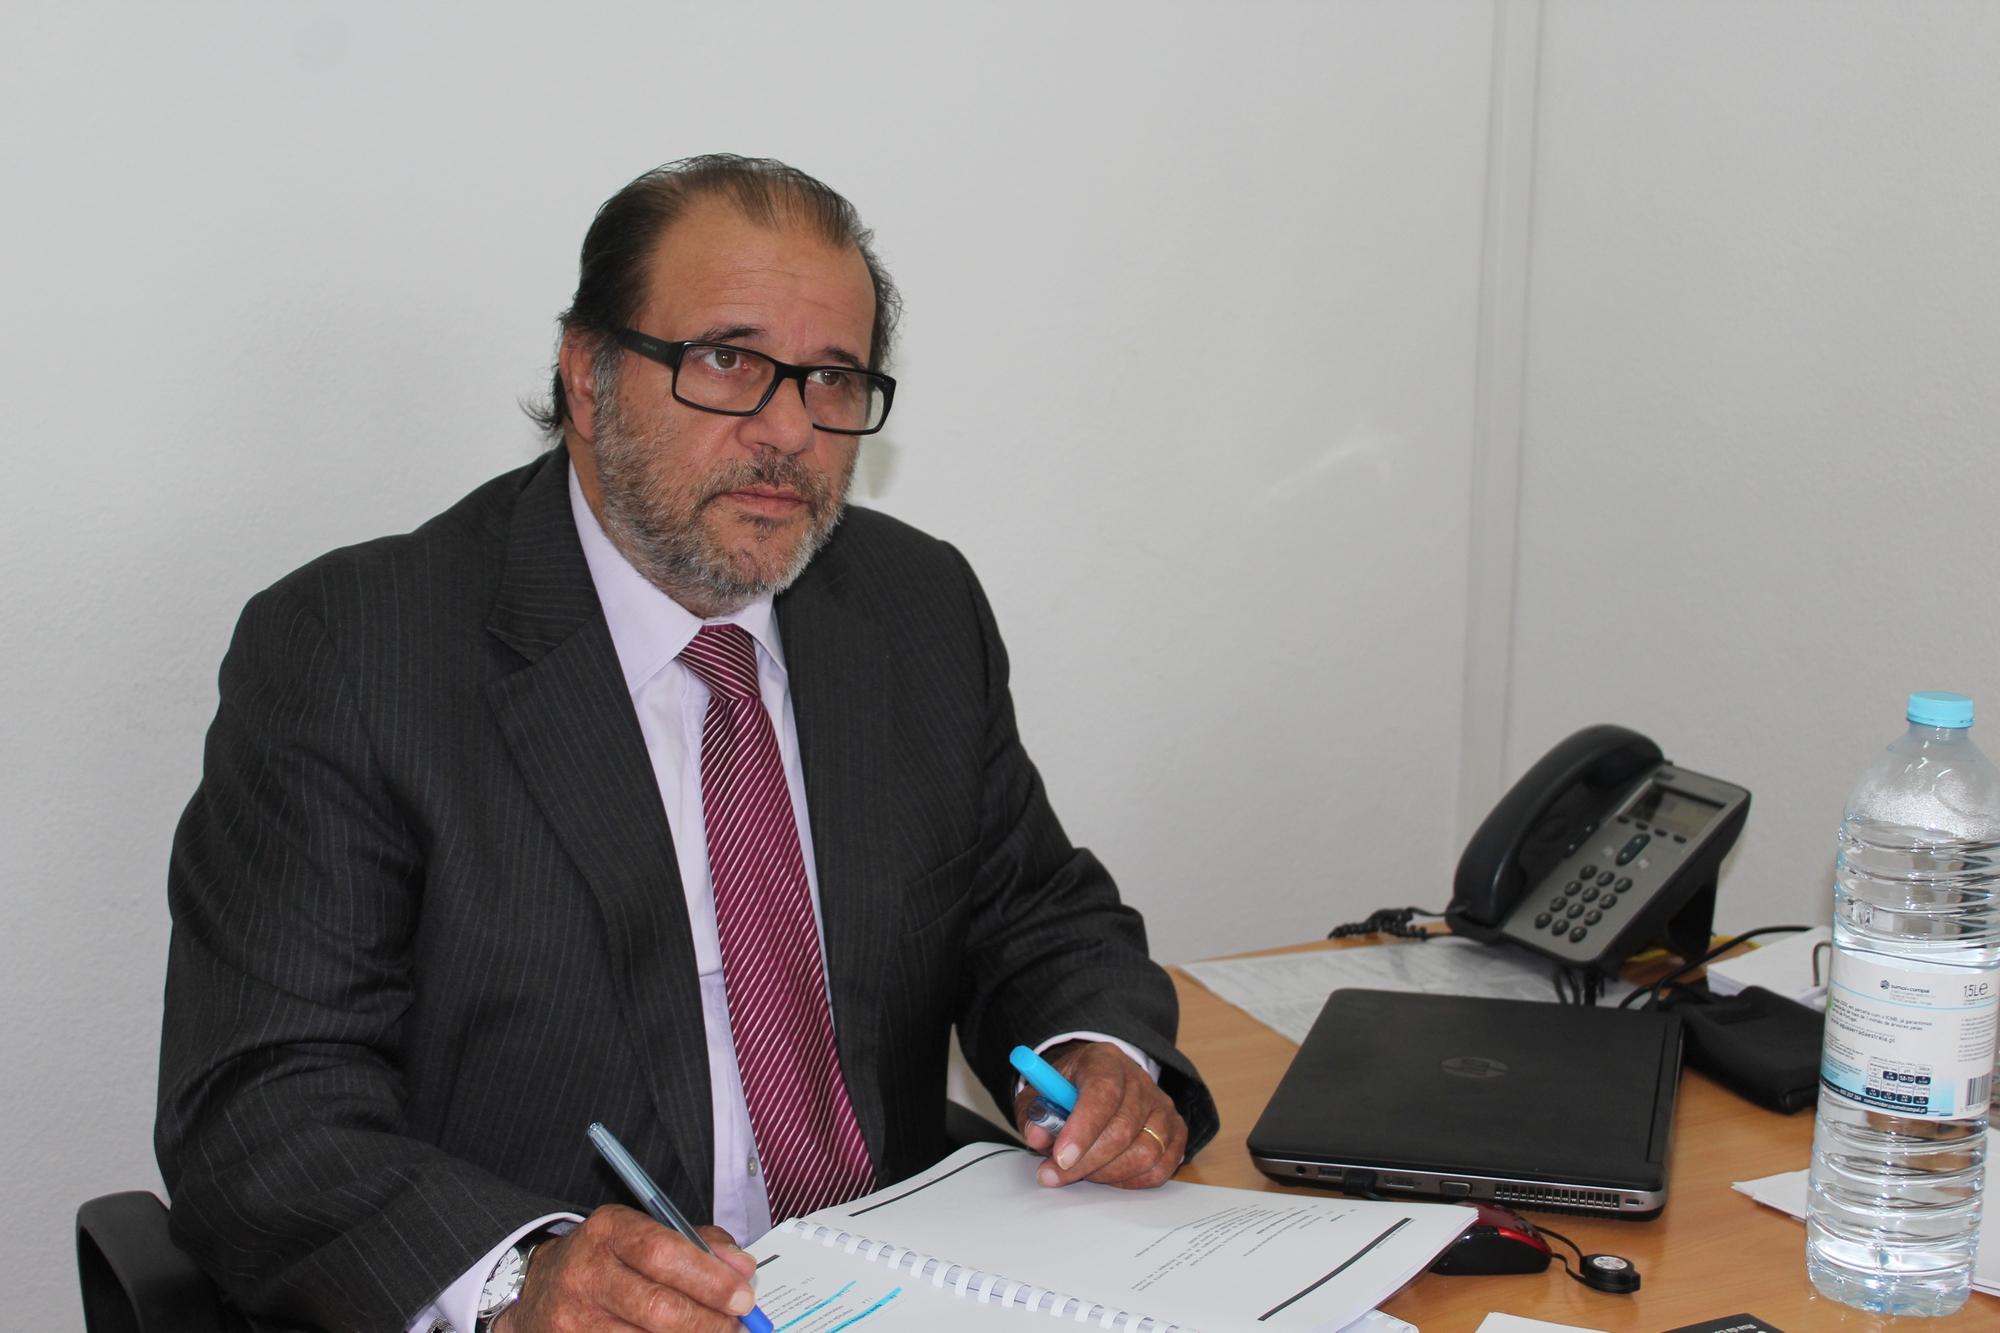 Governo Regional continua a financiar o trabalho precário, denuncia Aníbal Pires